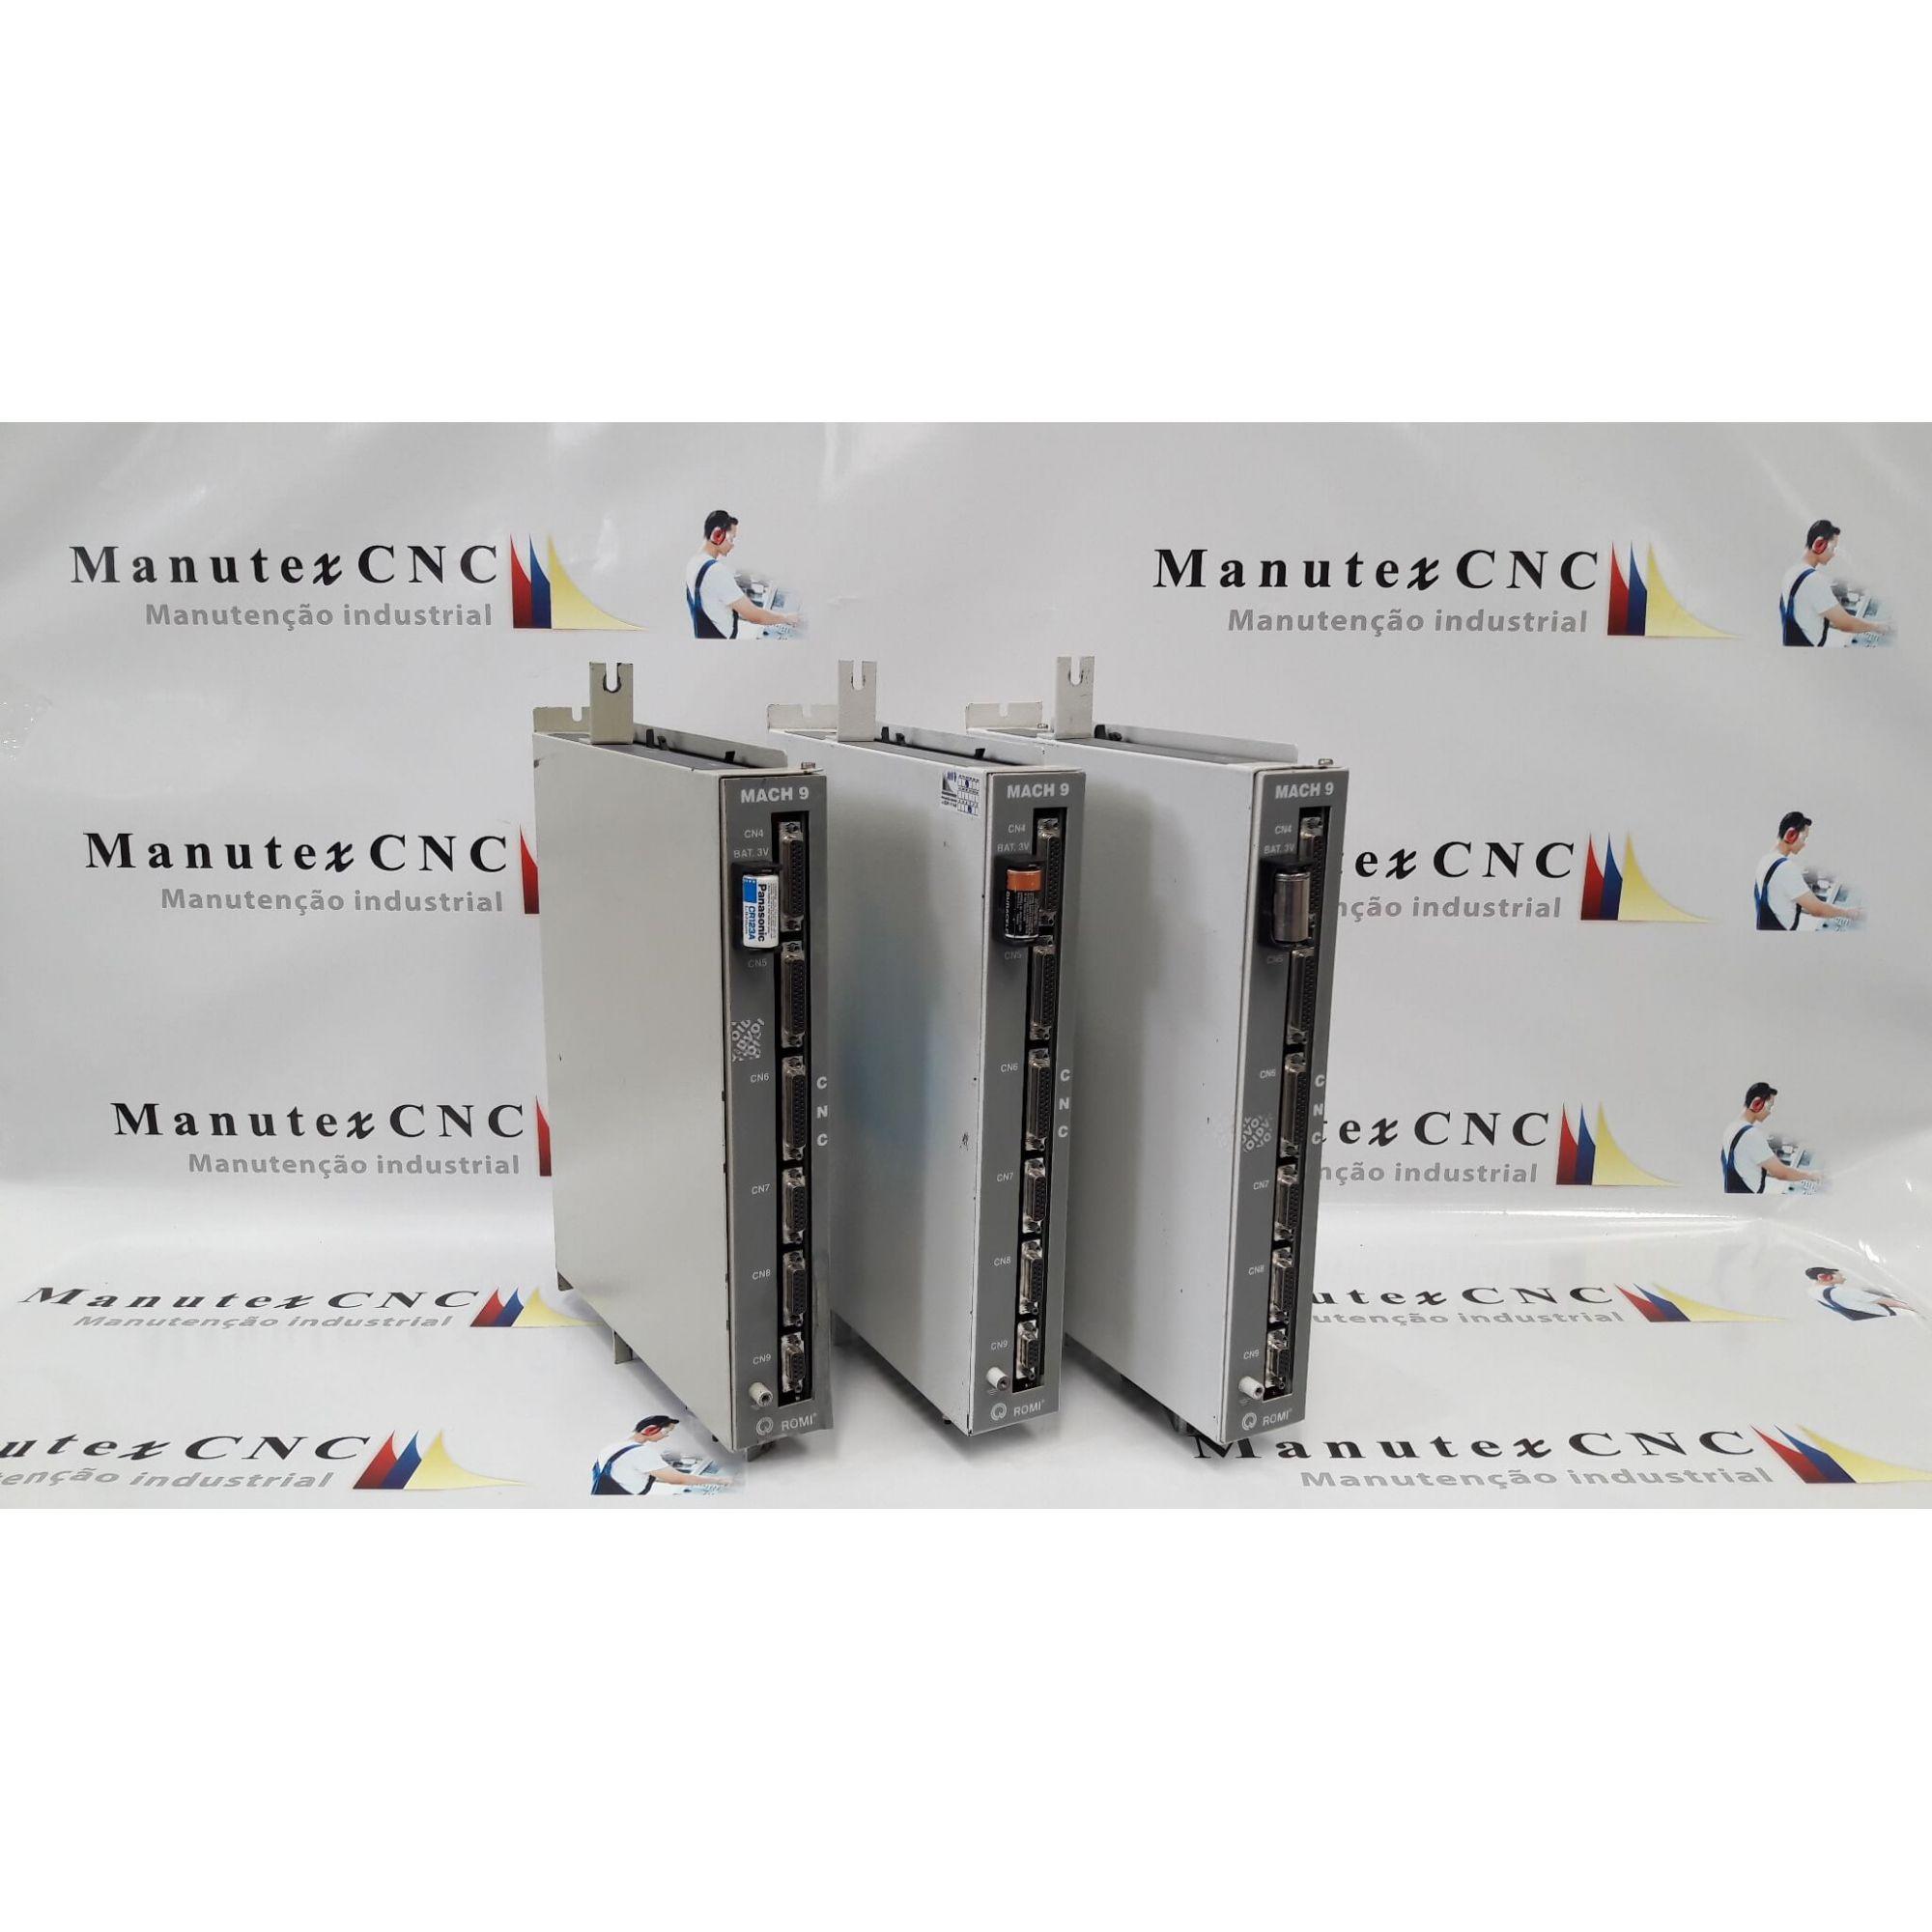 MACH9|COMANDO CNC|ROMI